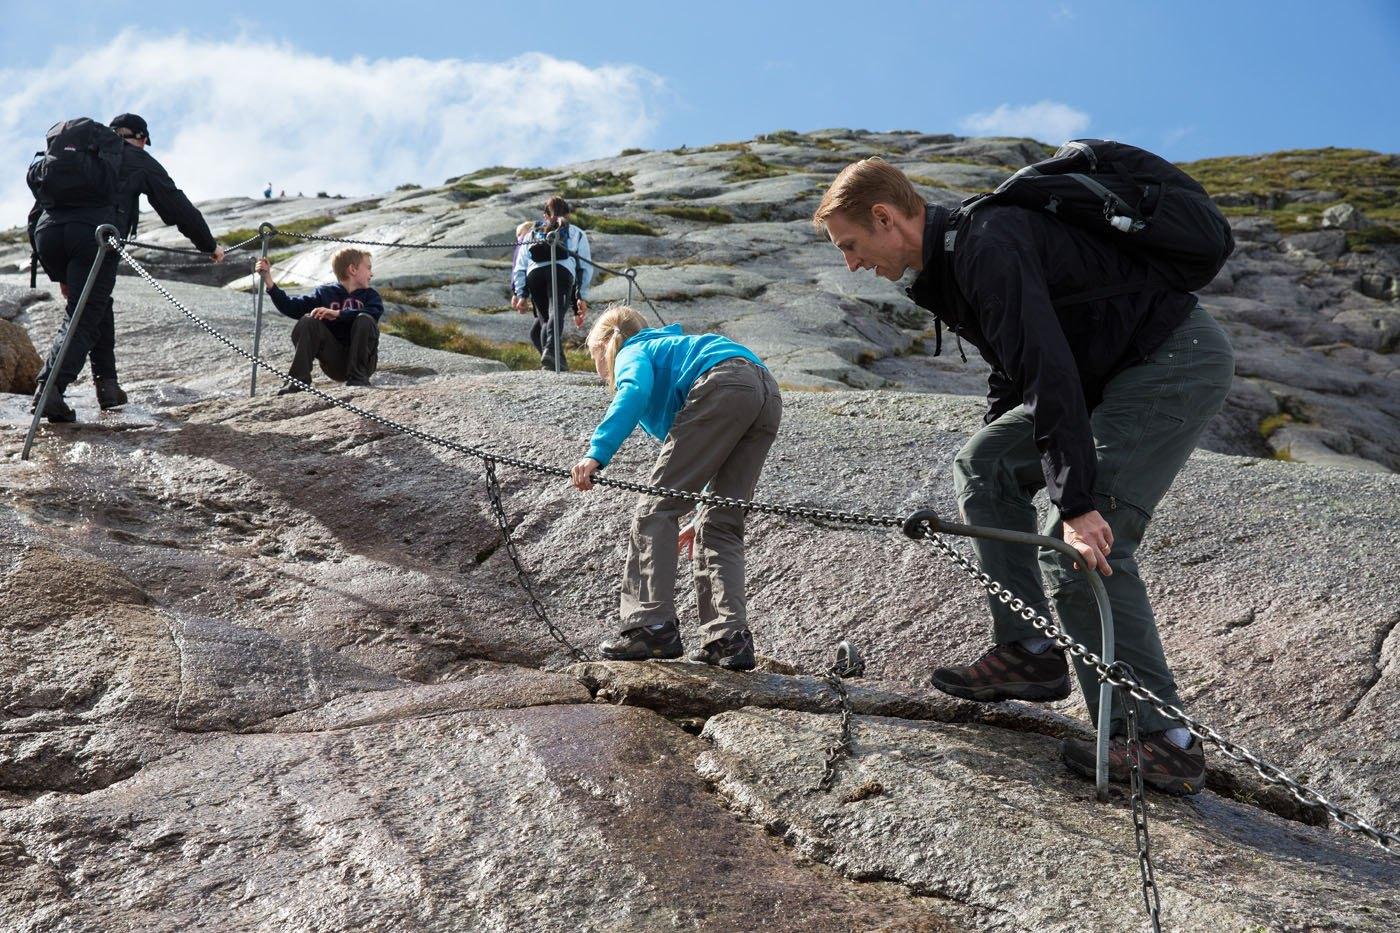 First Climb Kjeragbolten Hike